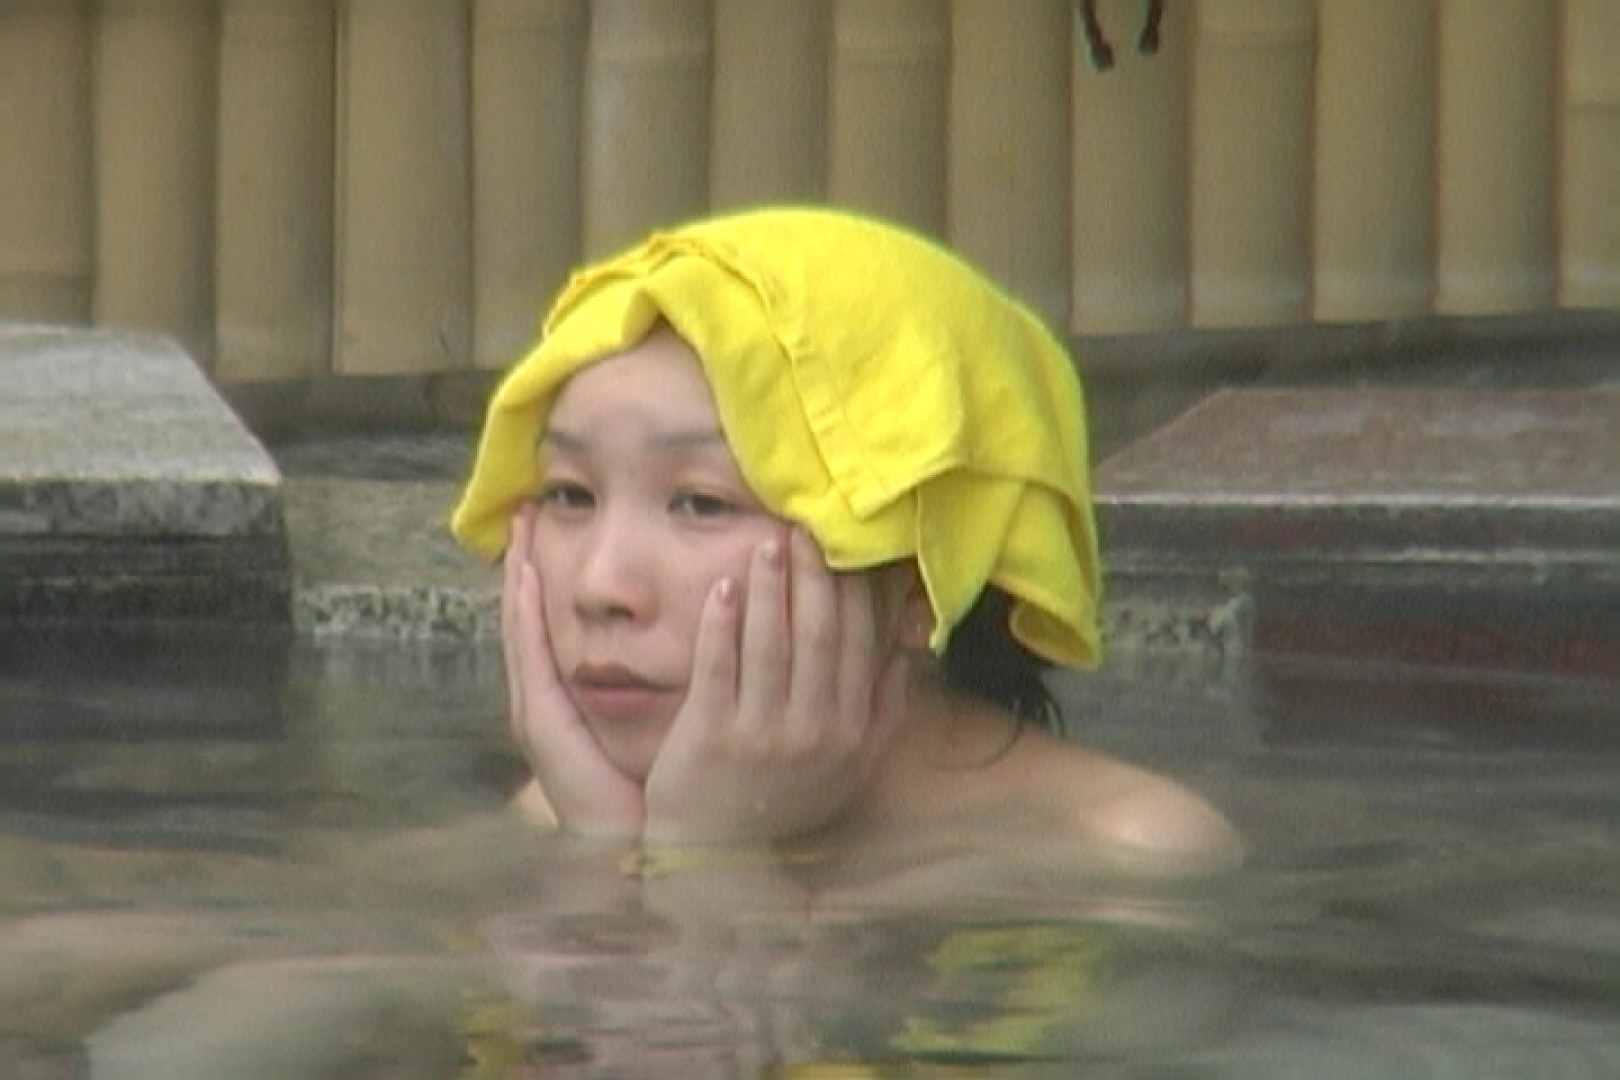 Aquaな露天風呂Vol.542 盗撮 おめこ無修正画像 31PICs 29